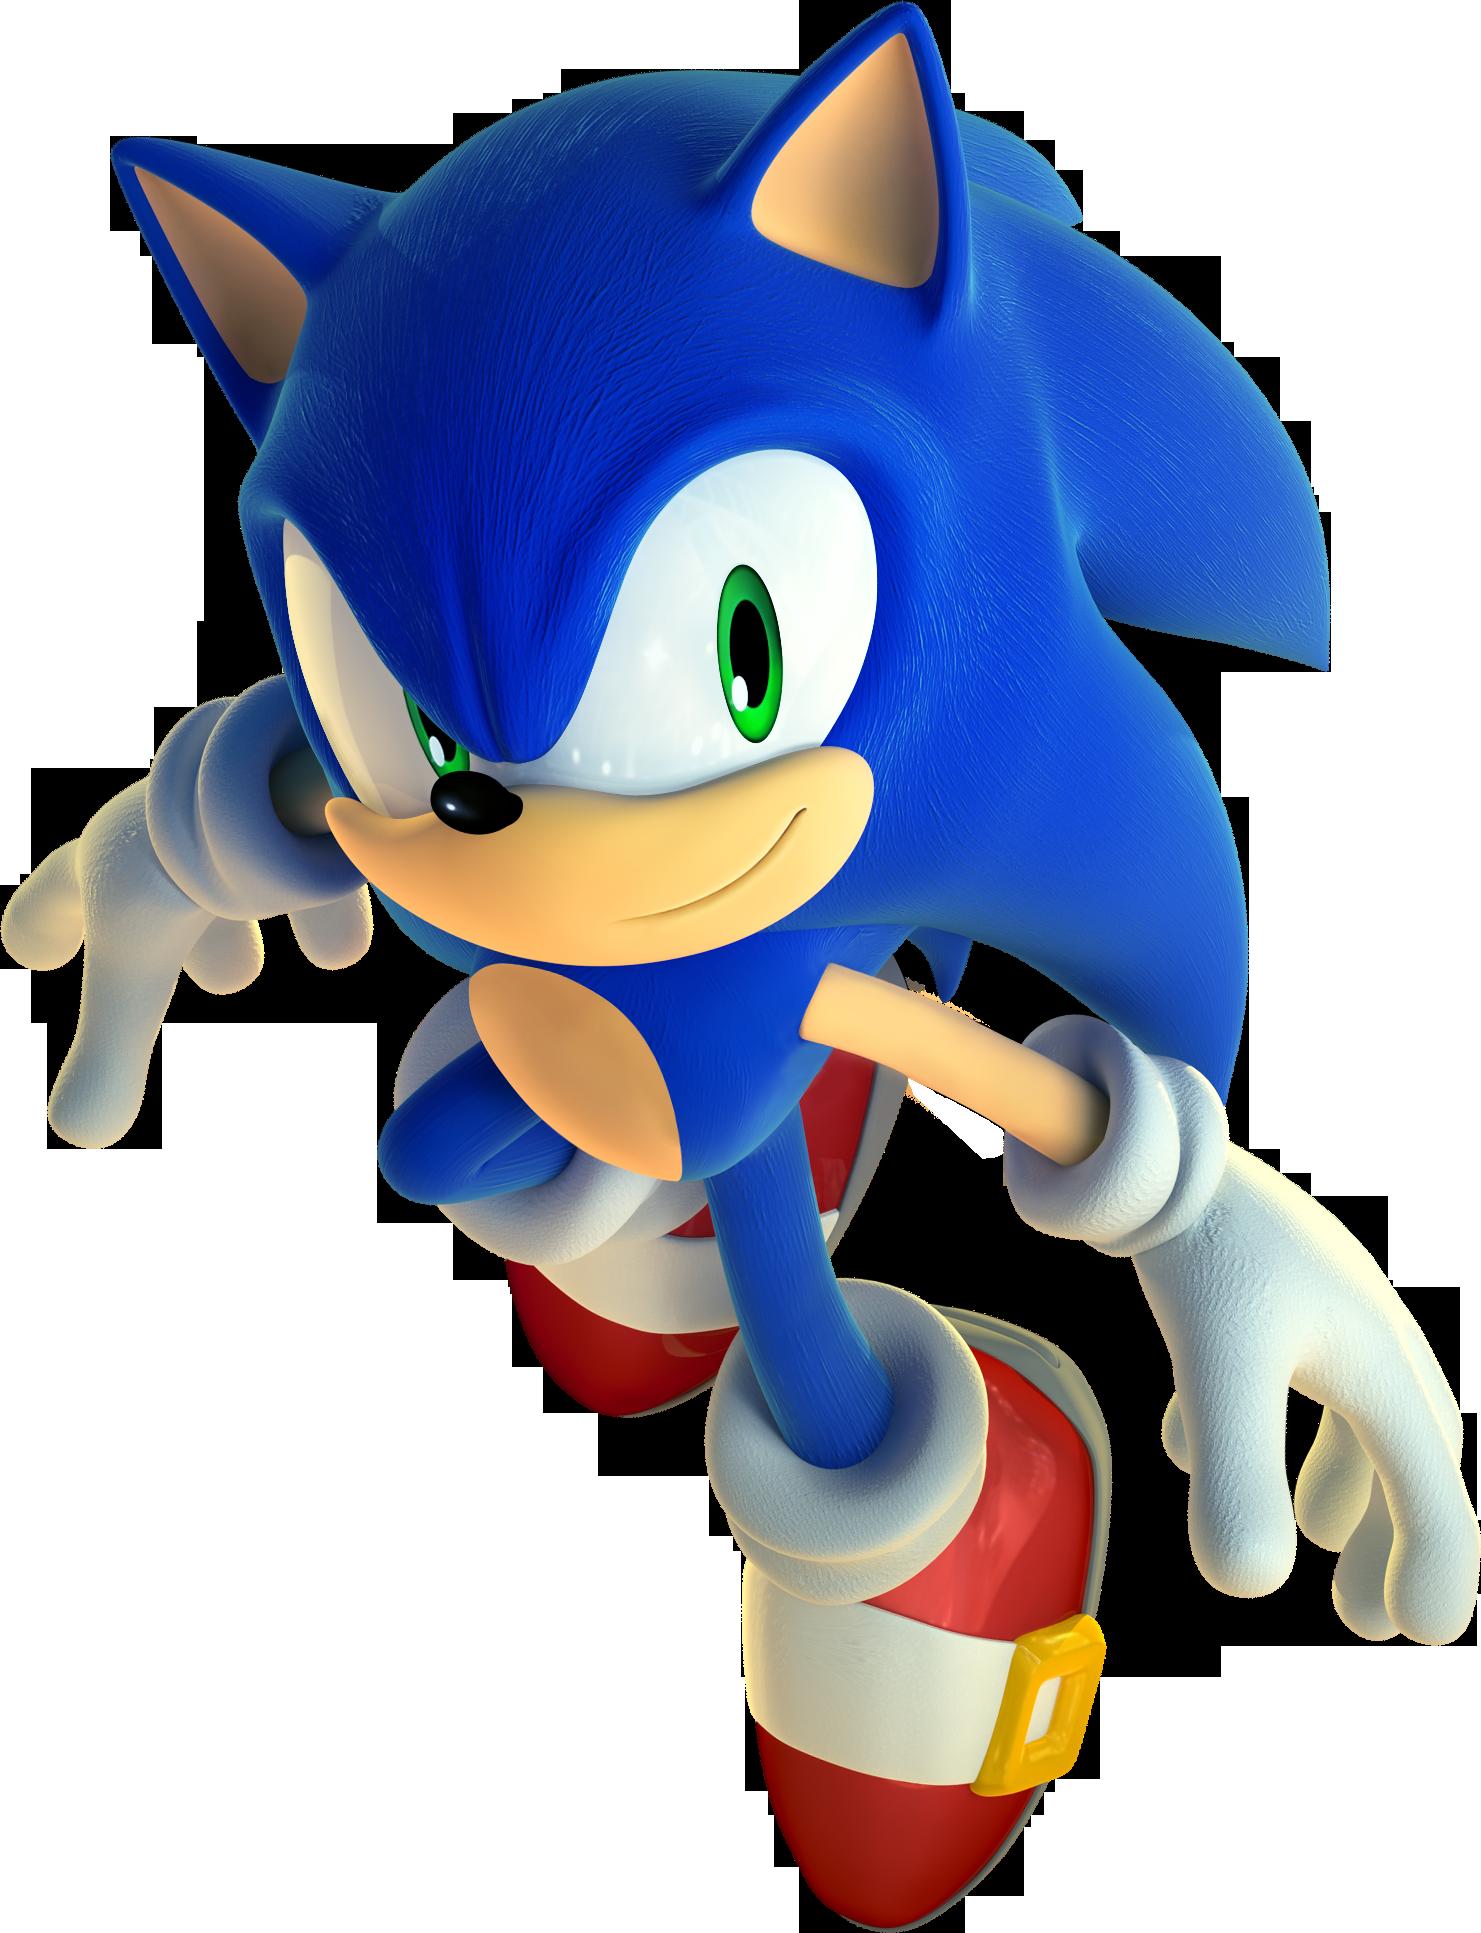 Official Art Sonic Colours Http Lastminutecontinue Com Official Art Sonic Colour Fotos De Super Herois Festas De Aniversario Do Sonic Aniversario Do Sonic